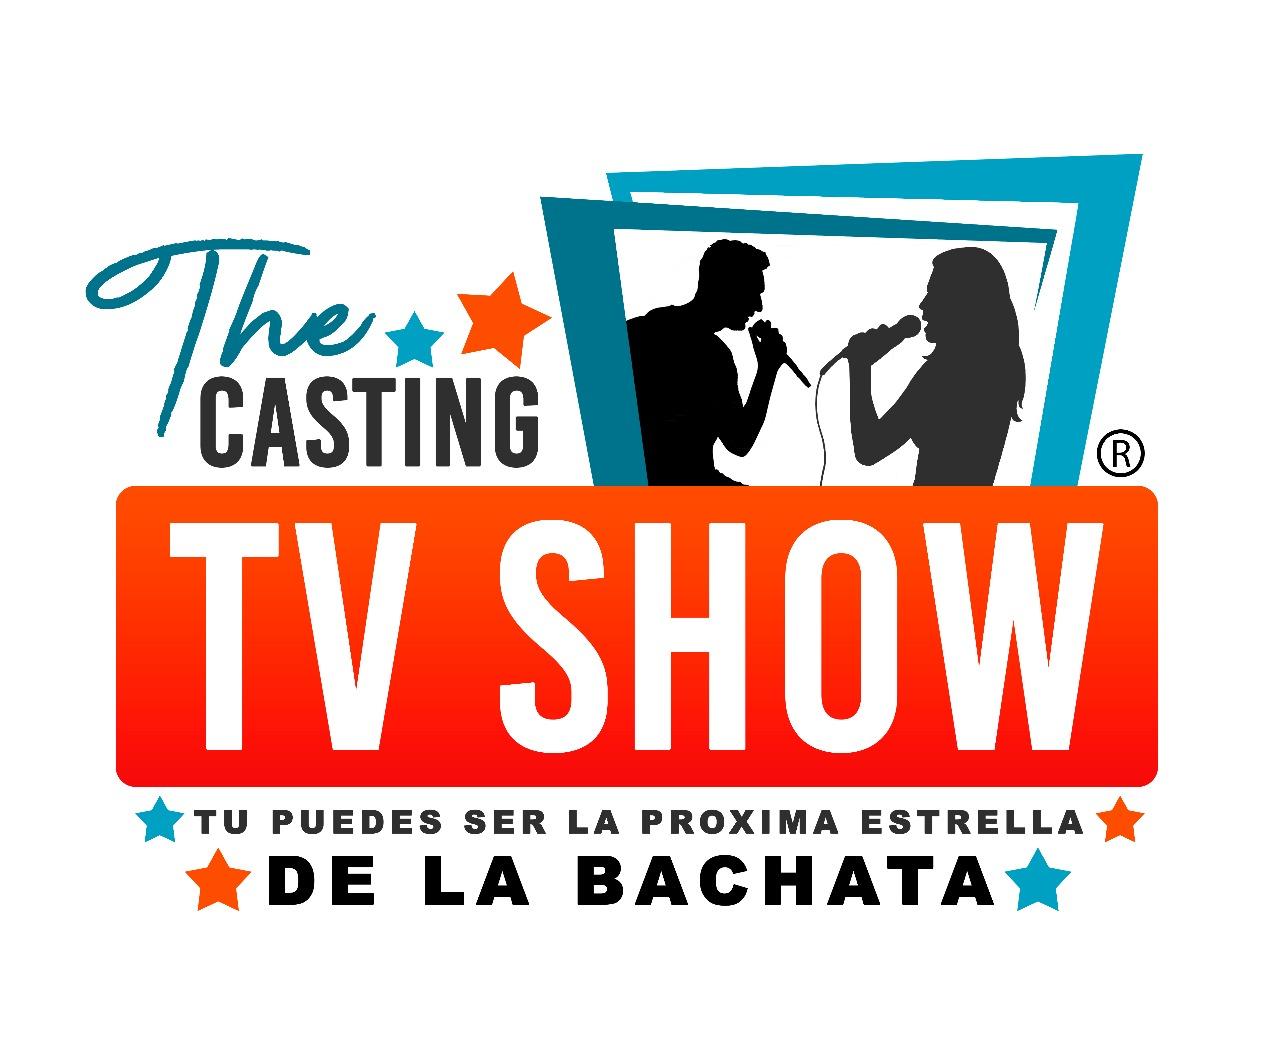 THE CASTING TV SHOW TU PUEDES SER LA PROXIMA ESTRELLA DE LA BACHATA